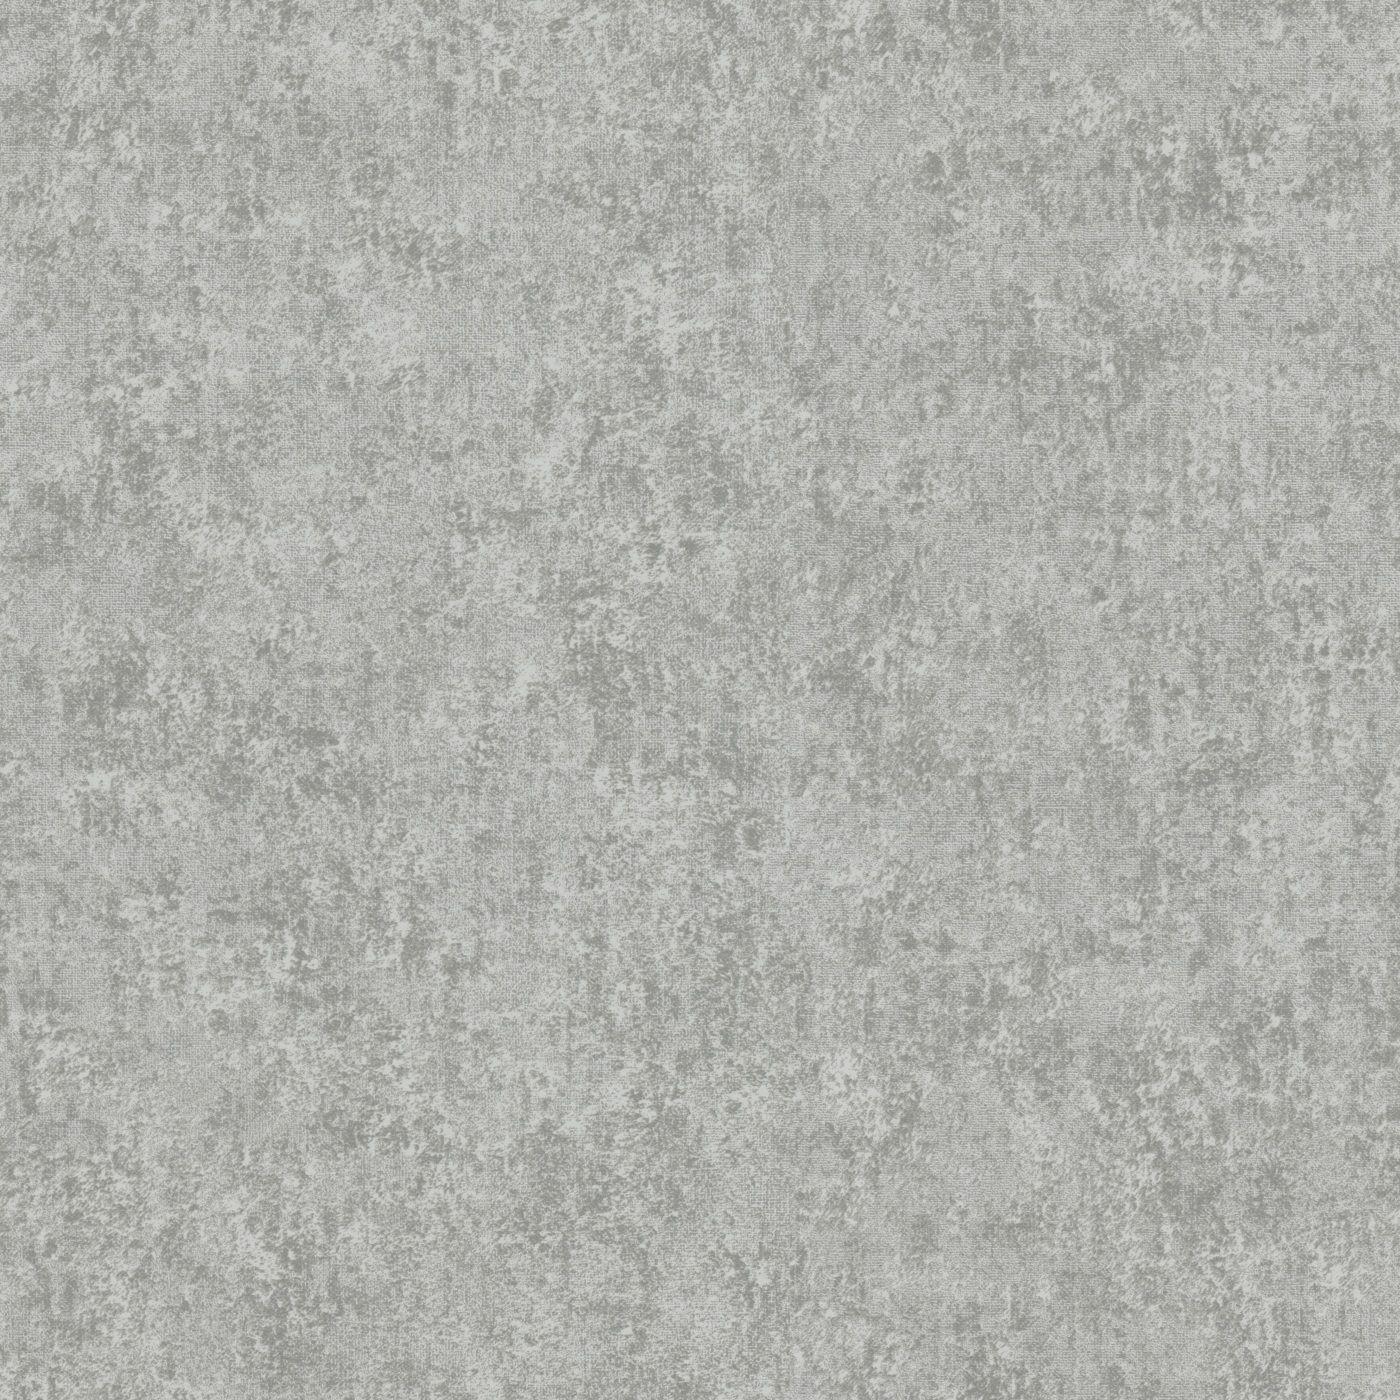 Image Result For Tapete Struktur